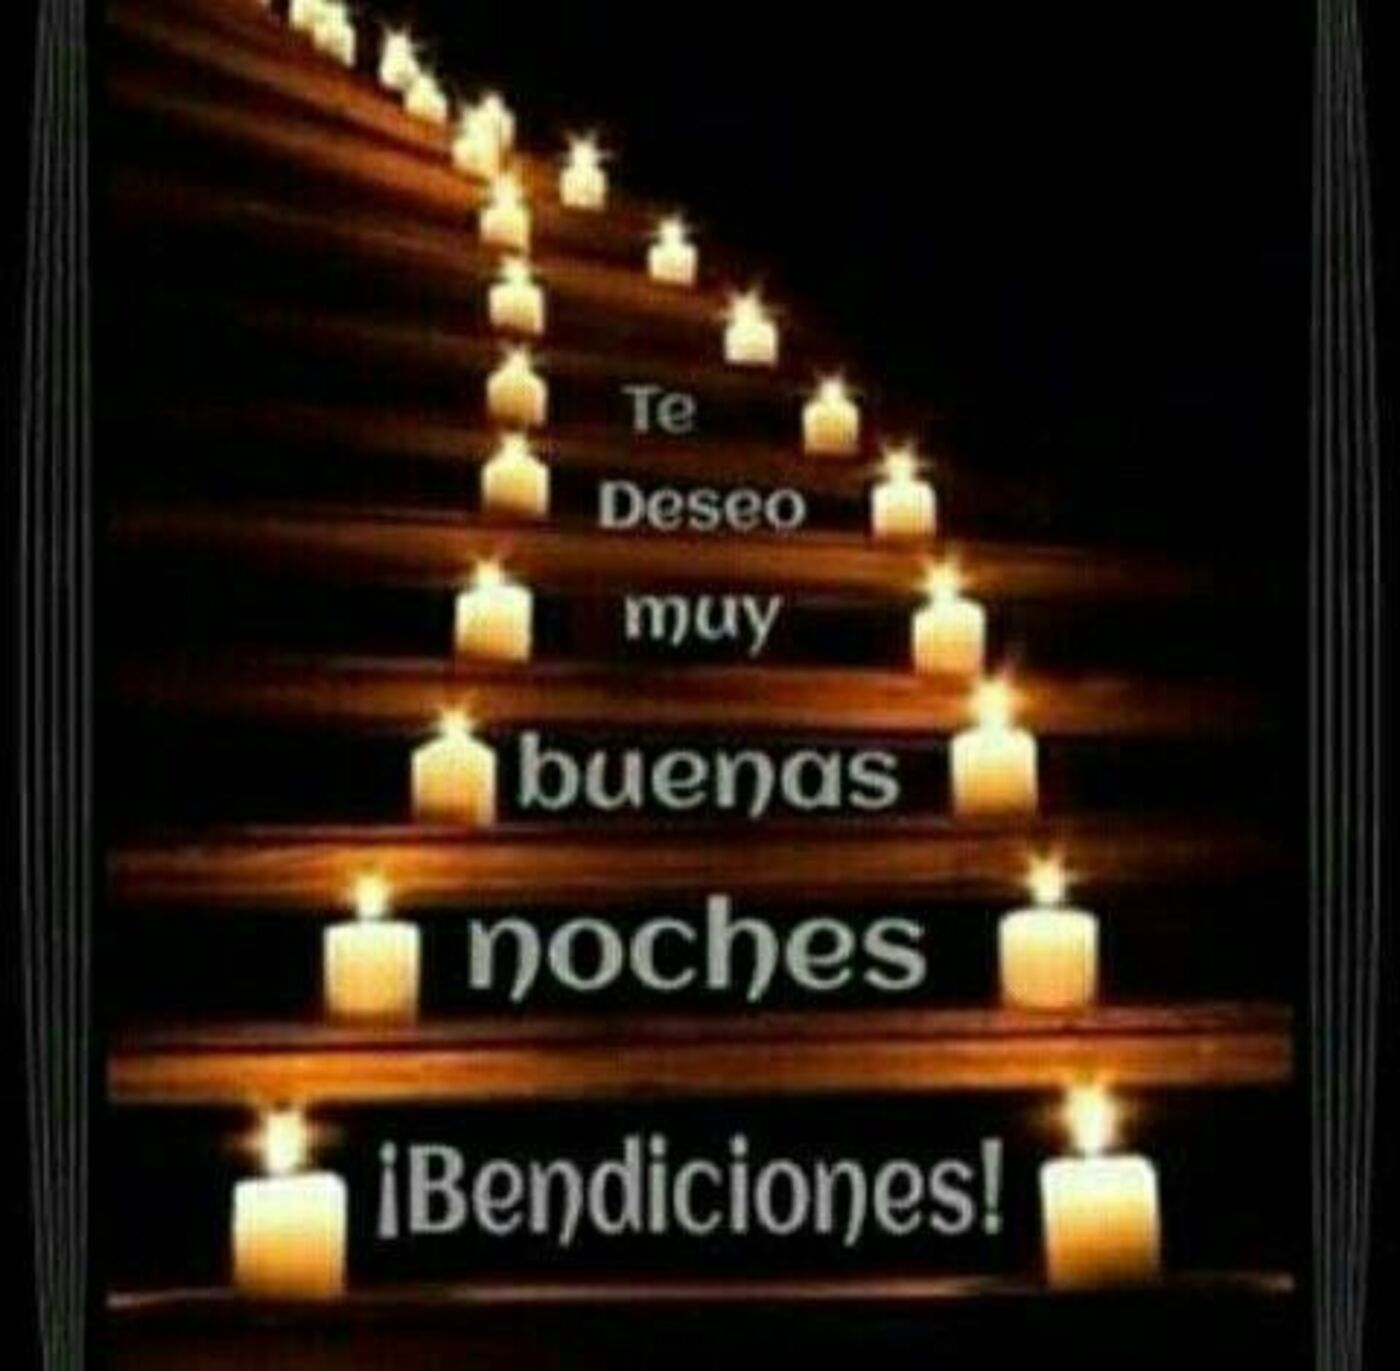 Te deseo muy buenas noches! Bendiciones!